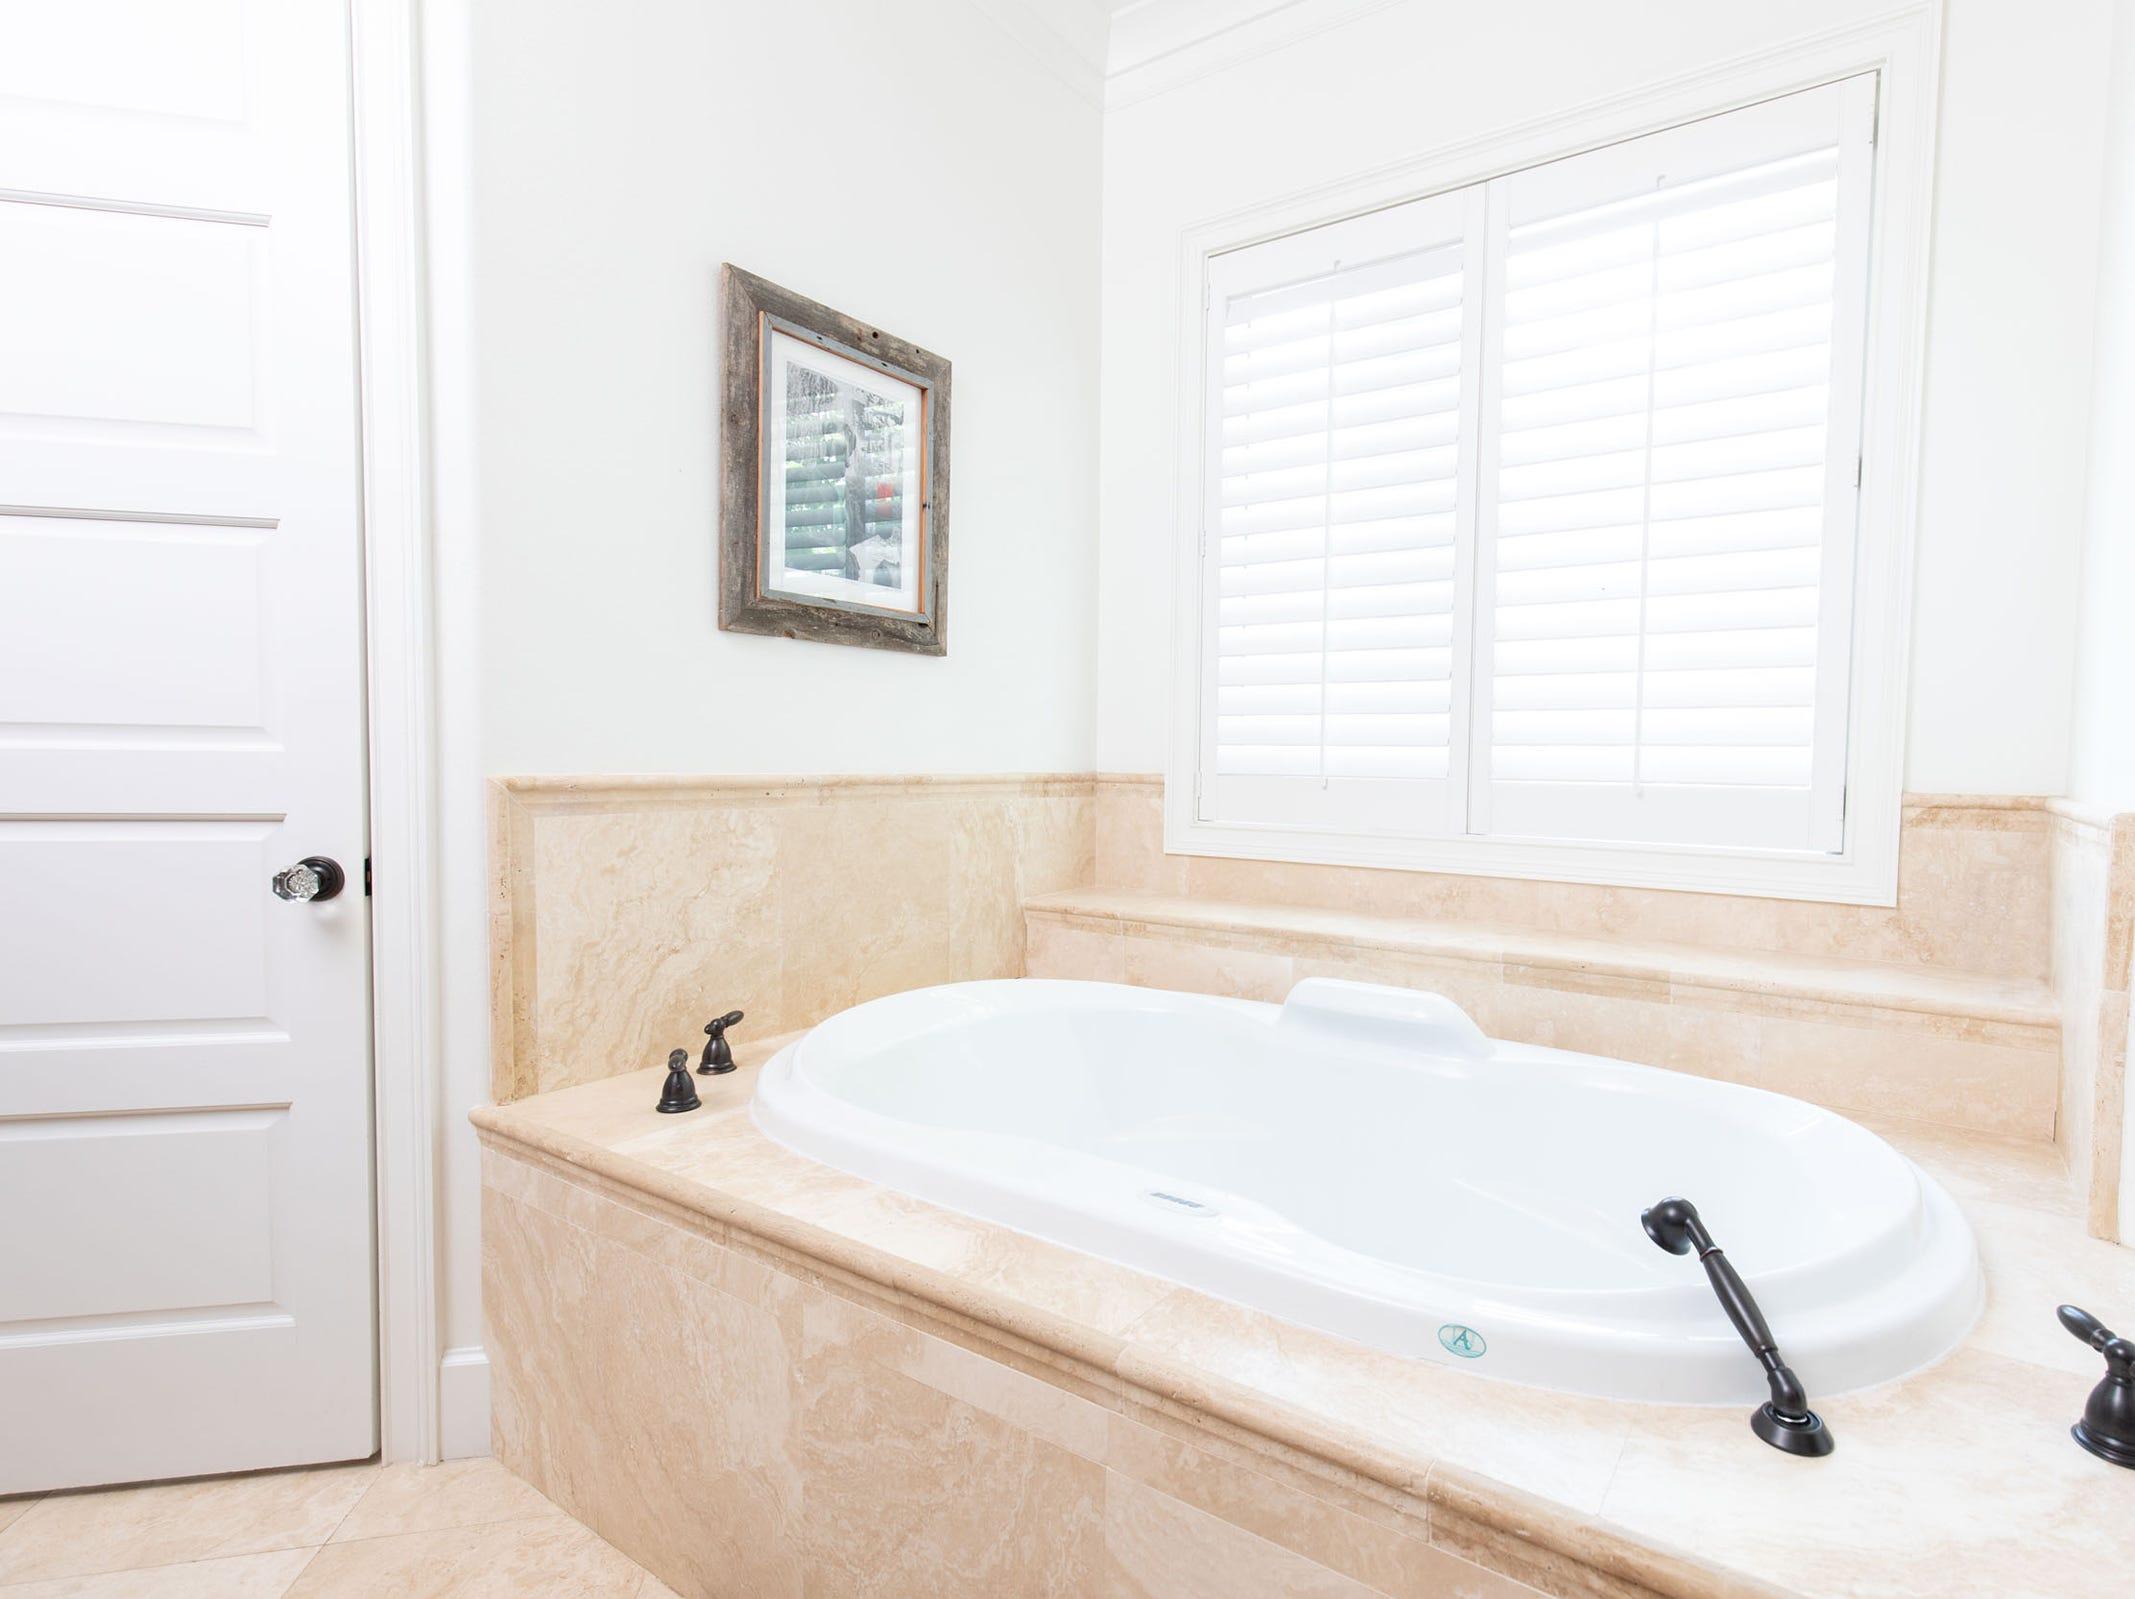 1329 Quiet Cove Court, a master bath tub.